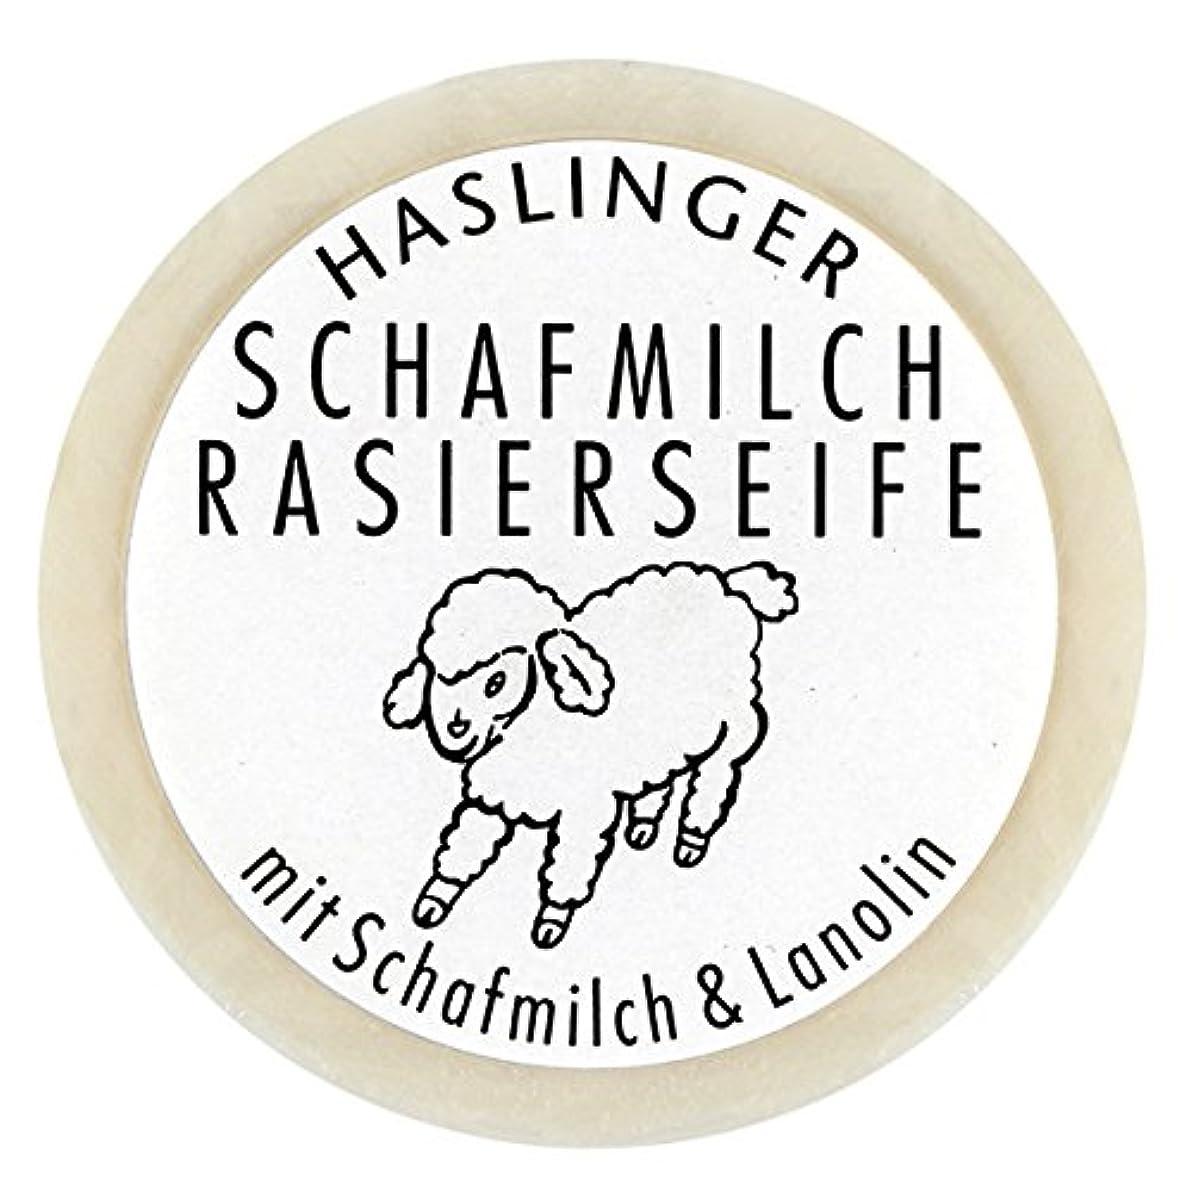 贅沢タックルアンソロジーSchafmilch Rasierseife (Ewe`s Milk Shave Soap) 60g soap bar by Haslinger by Haslinger